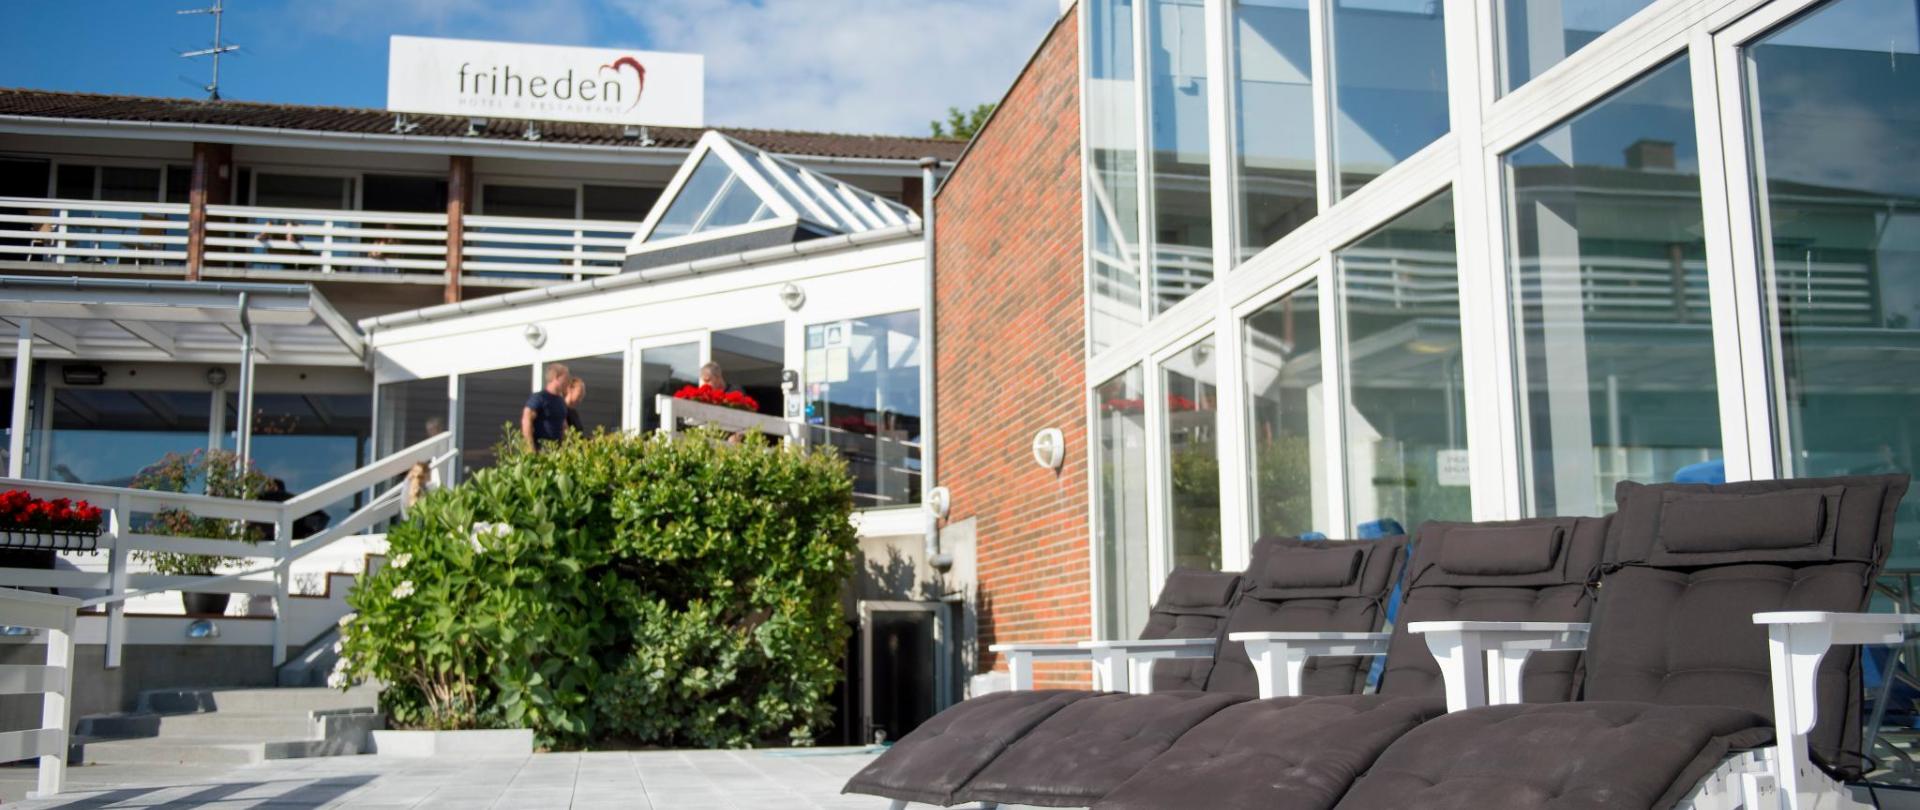 Hotel Friheden BH 0498.jpg